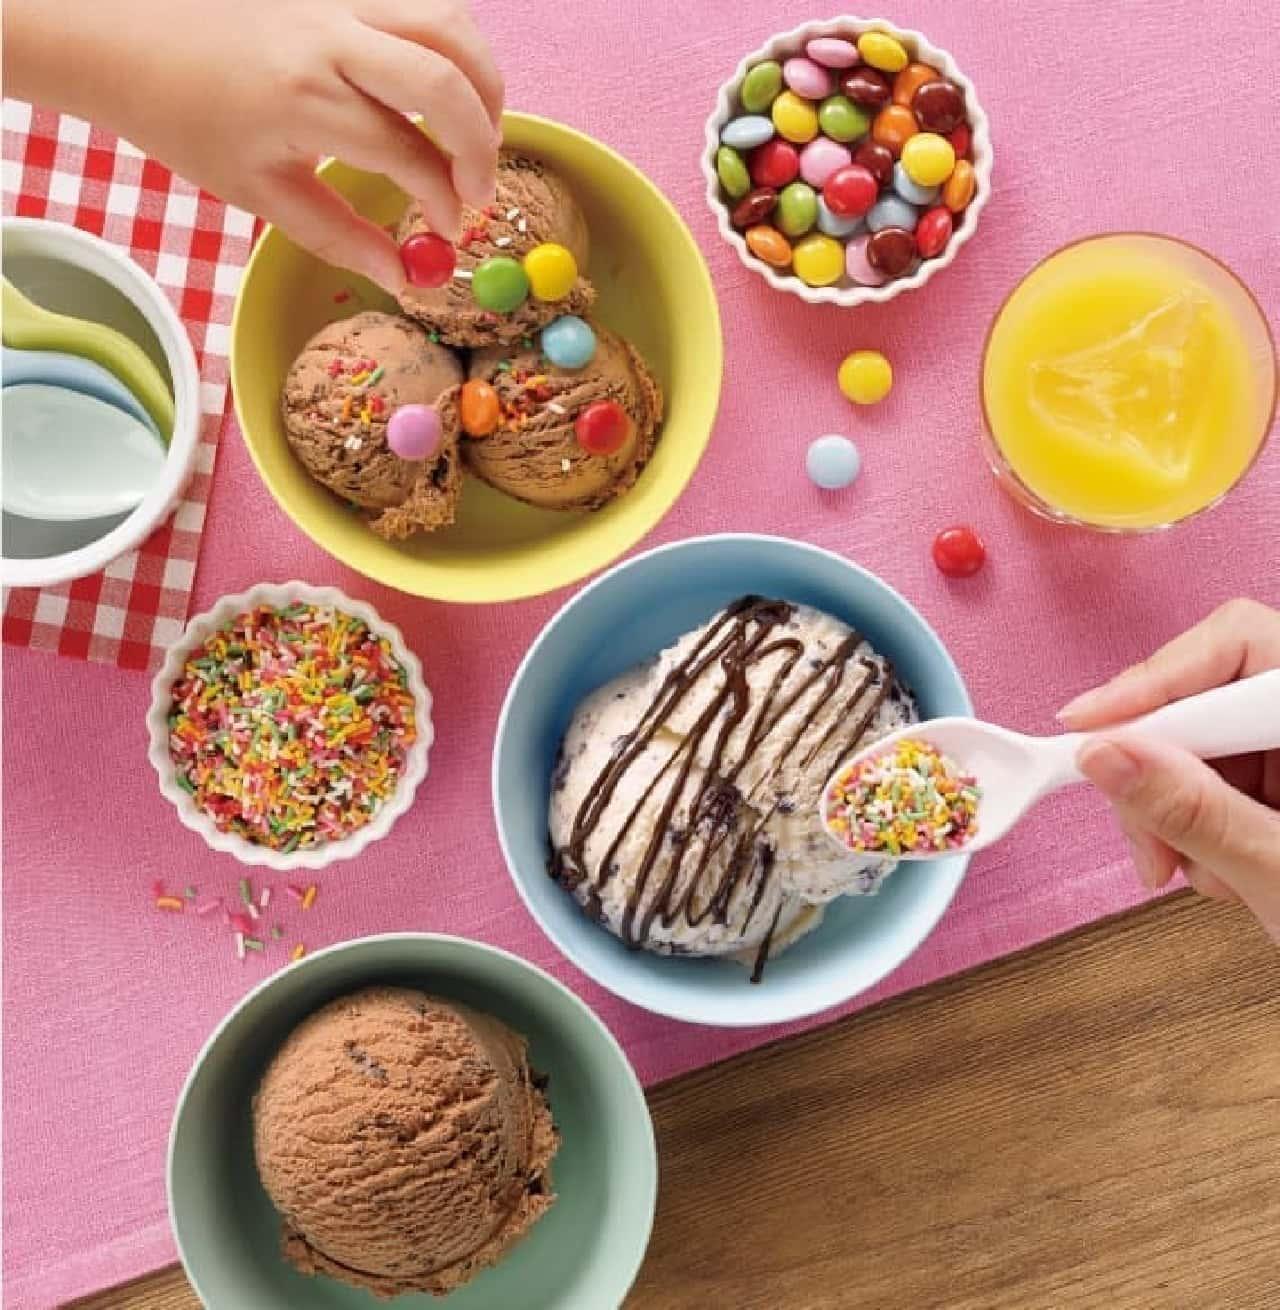 サーティワン アイスクリーム「サーティワン デコ キット」